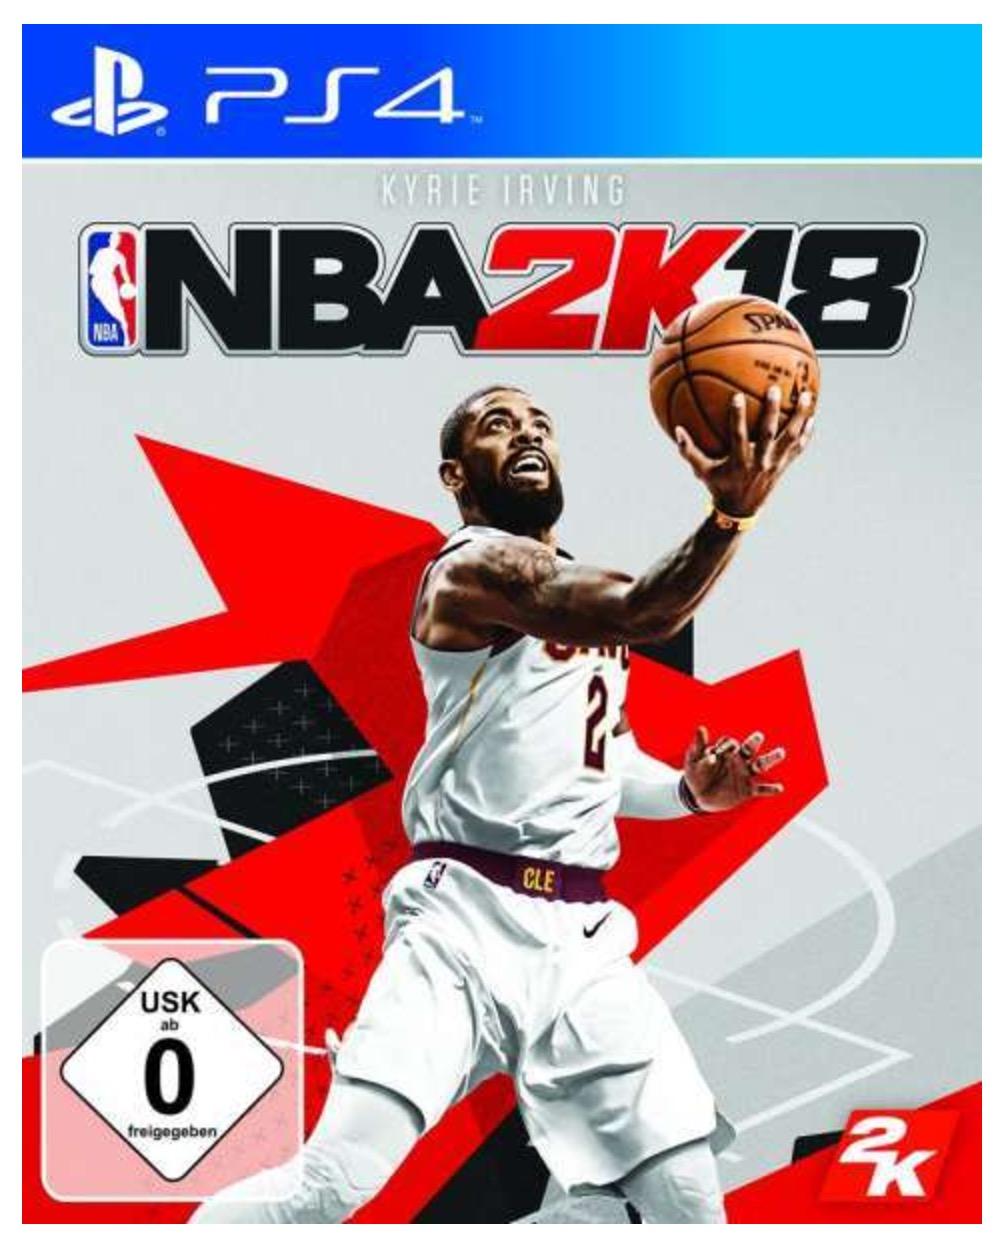 Vorbestellung: 2K NBA 2K18 (Xbox One oder PS4) für 59,99 Euro mit 14,75 Euro in Form von Superpunkten